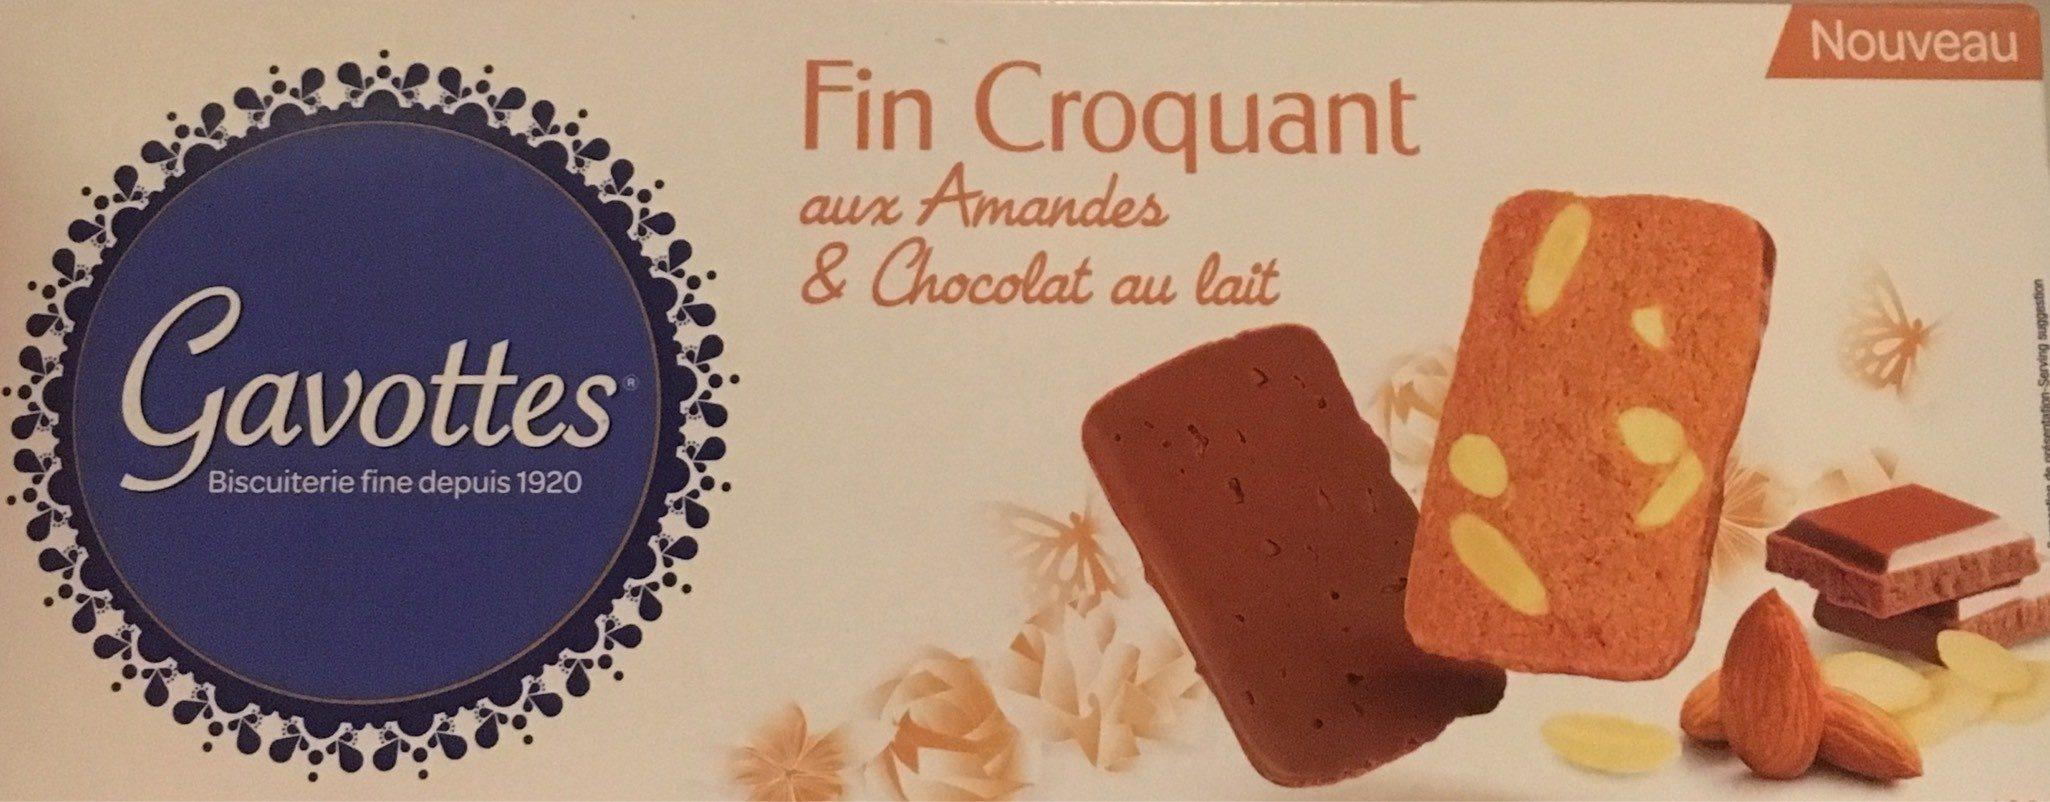 Fin Croquant aux Amandes et Chocolat au Lait - Product - fr